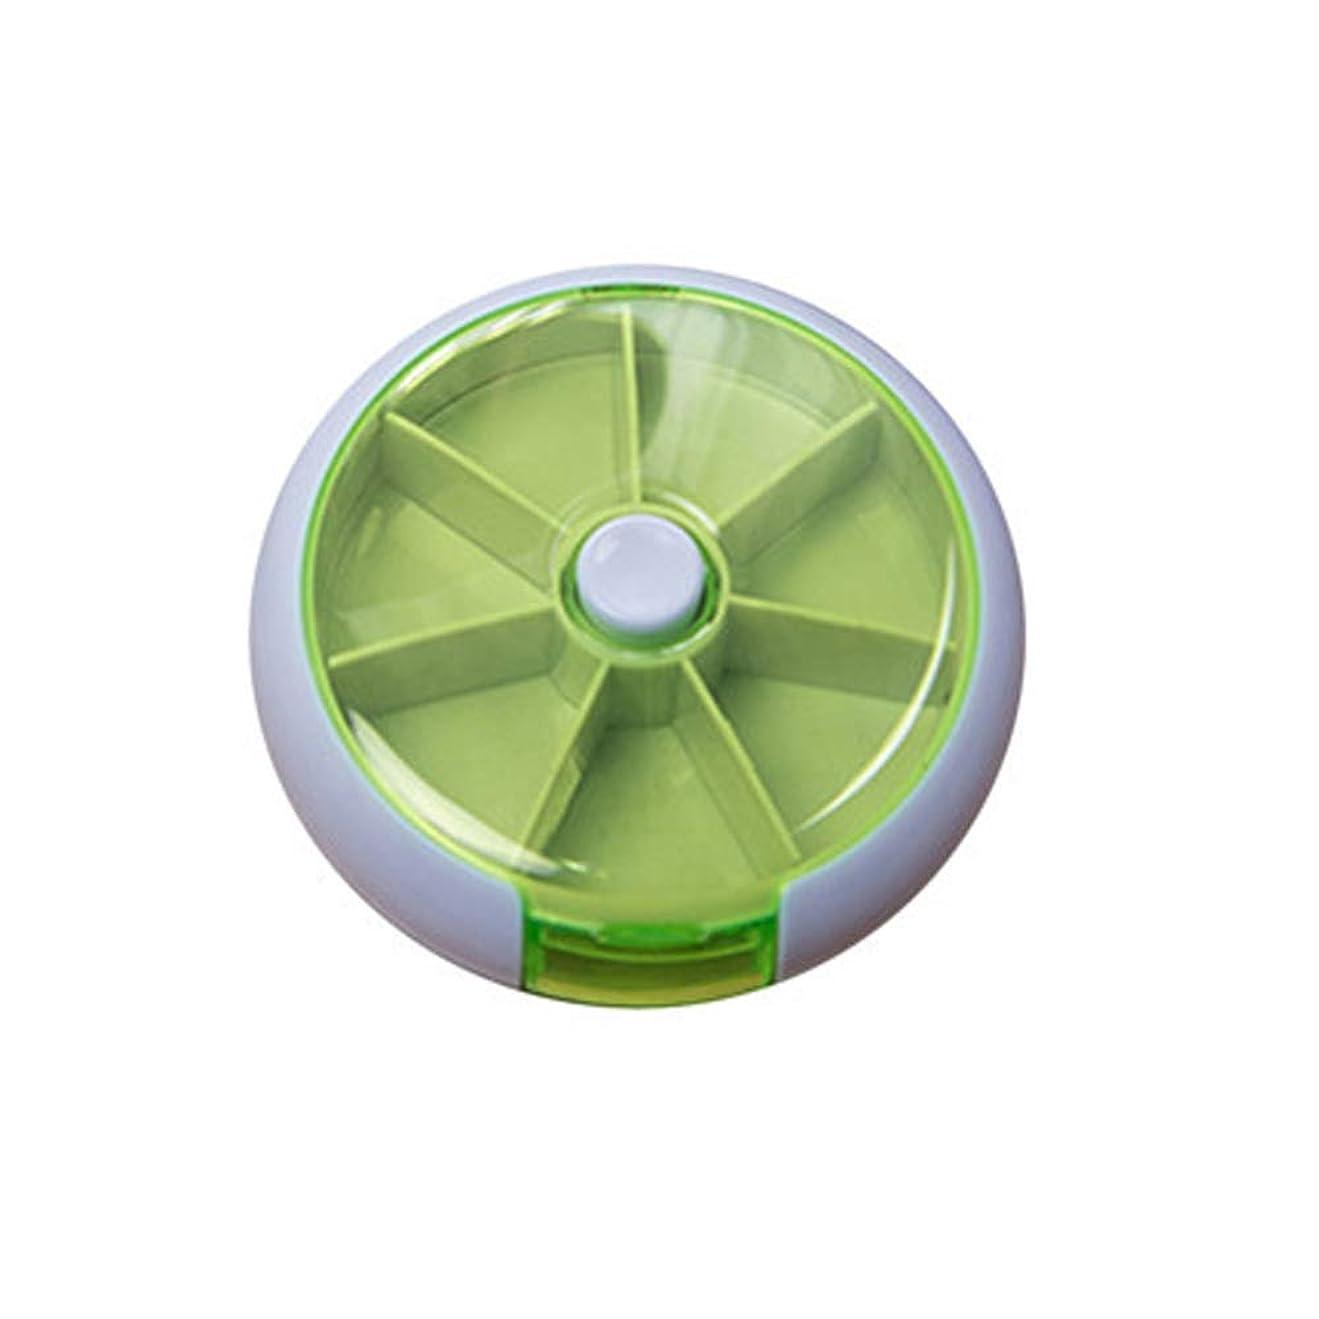 Angzhili 薬ケース ピルケース 薬入れ 小物入れ サプリメントケース 携帯用 一週間 習慣薬箱 くすり整理 飲み忘れ防止 回転ケース コンパクト 3色 (グリーン)